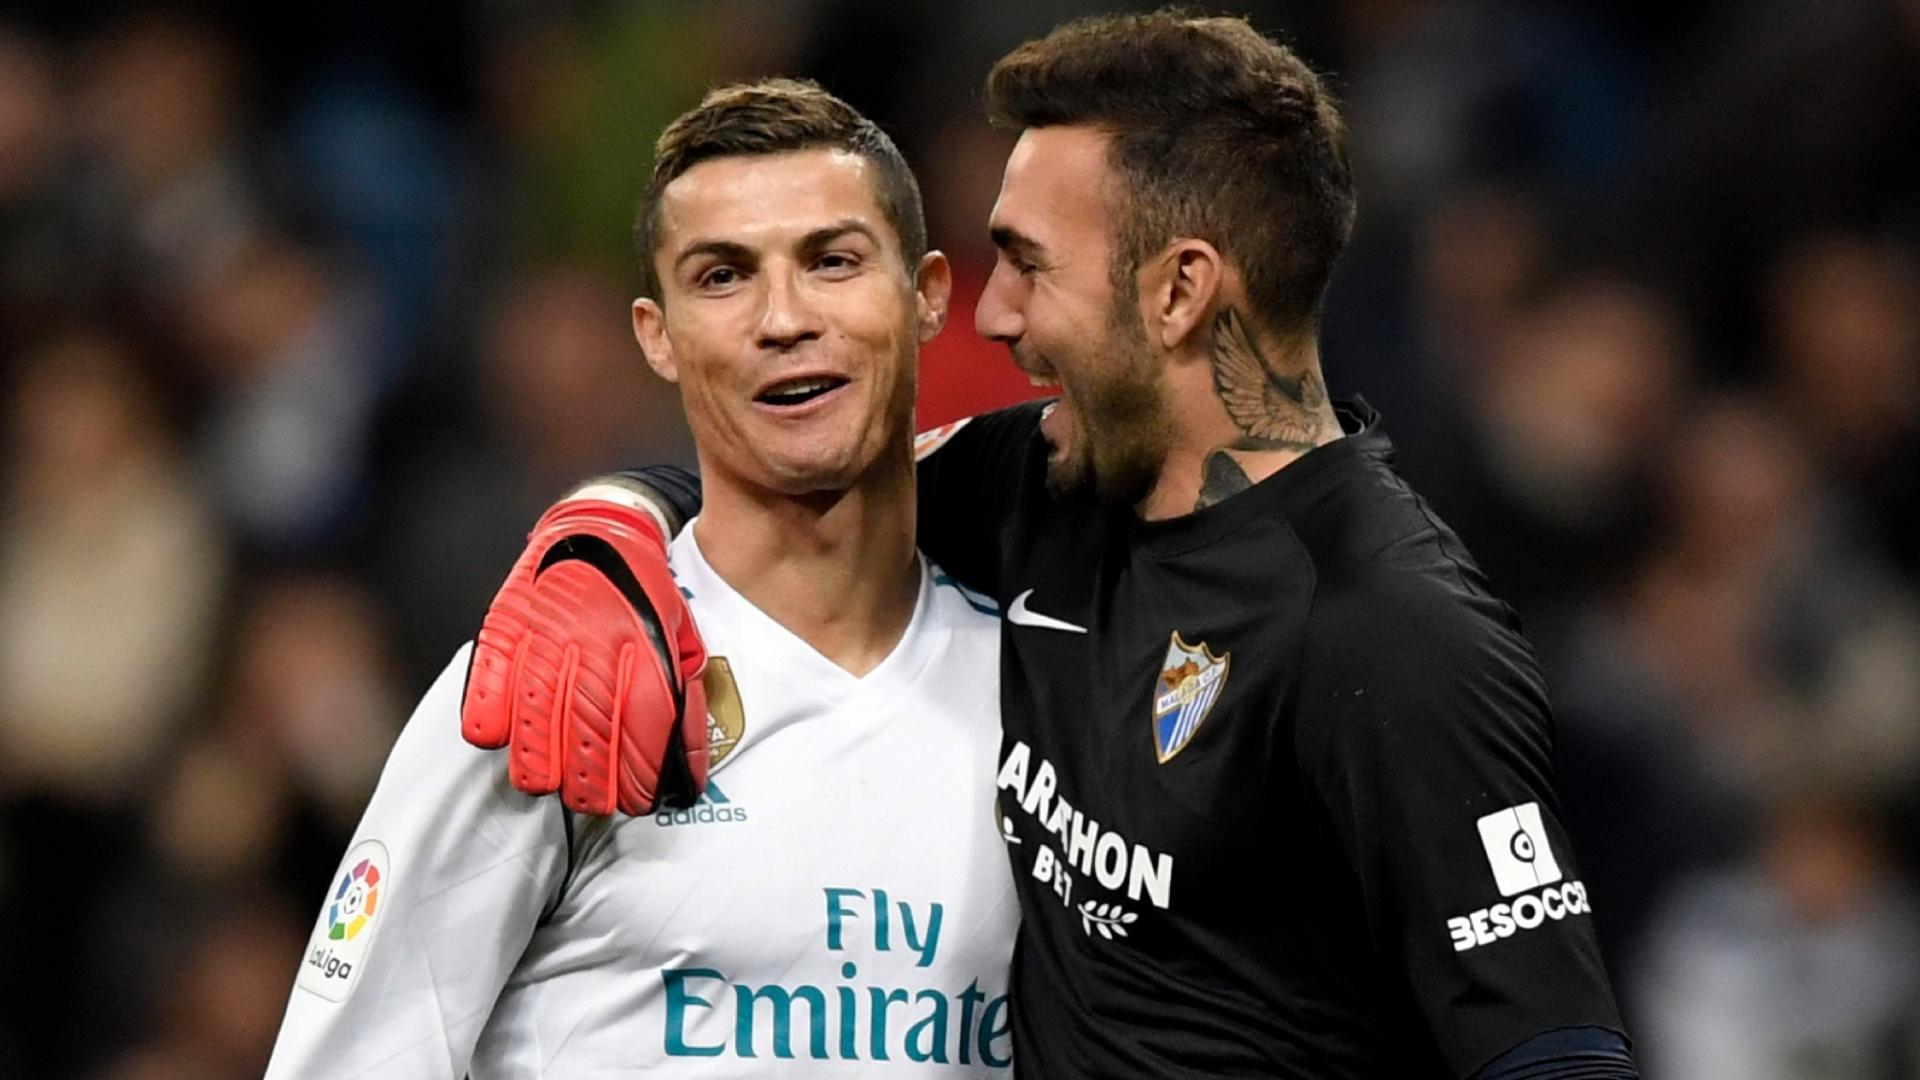 Cristiano Ronaldo conversa com o goleiro Roberto, do Málaga, após a partida